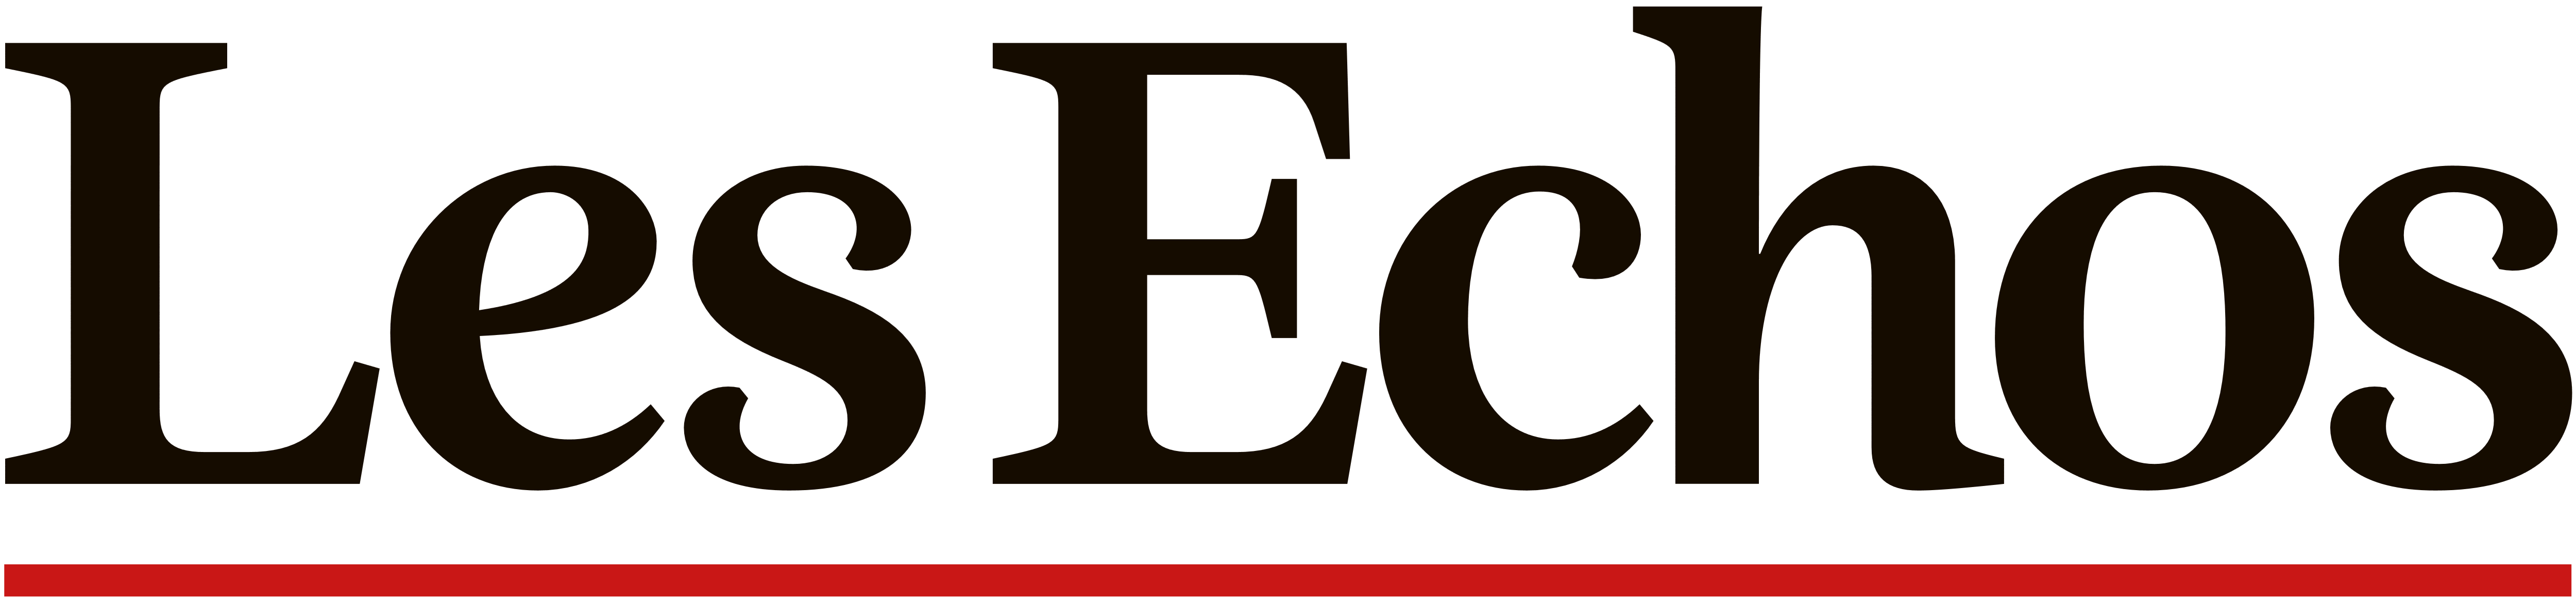 Les_Échos_logo_logotype